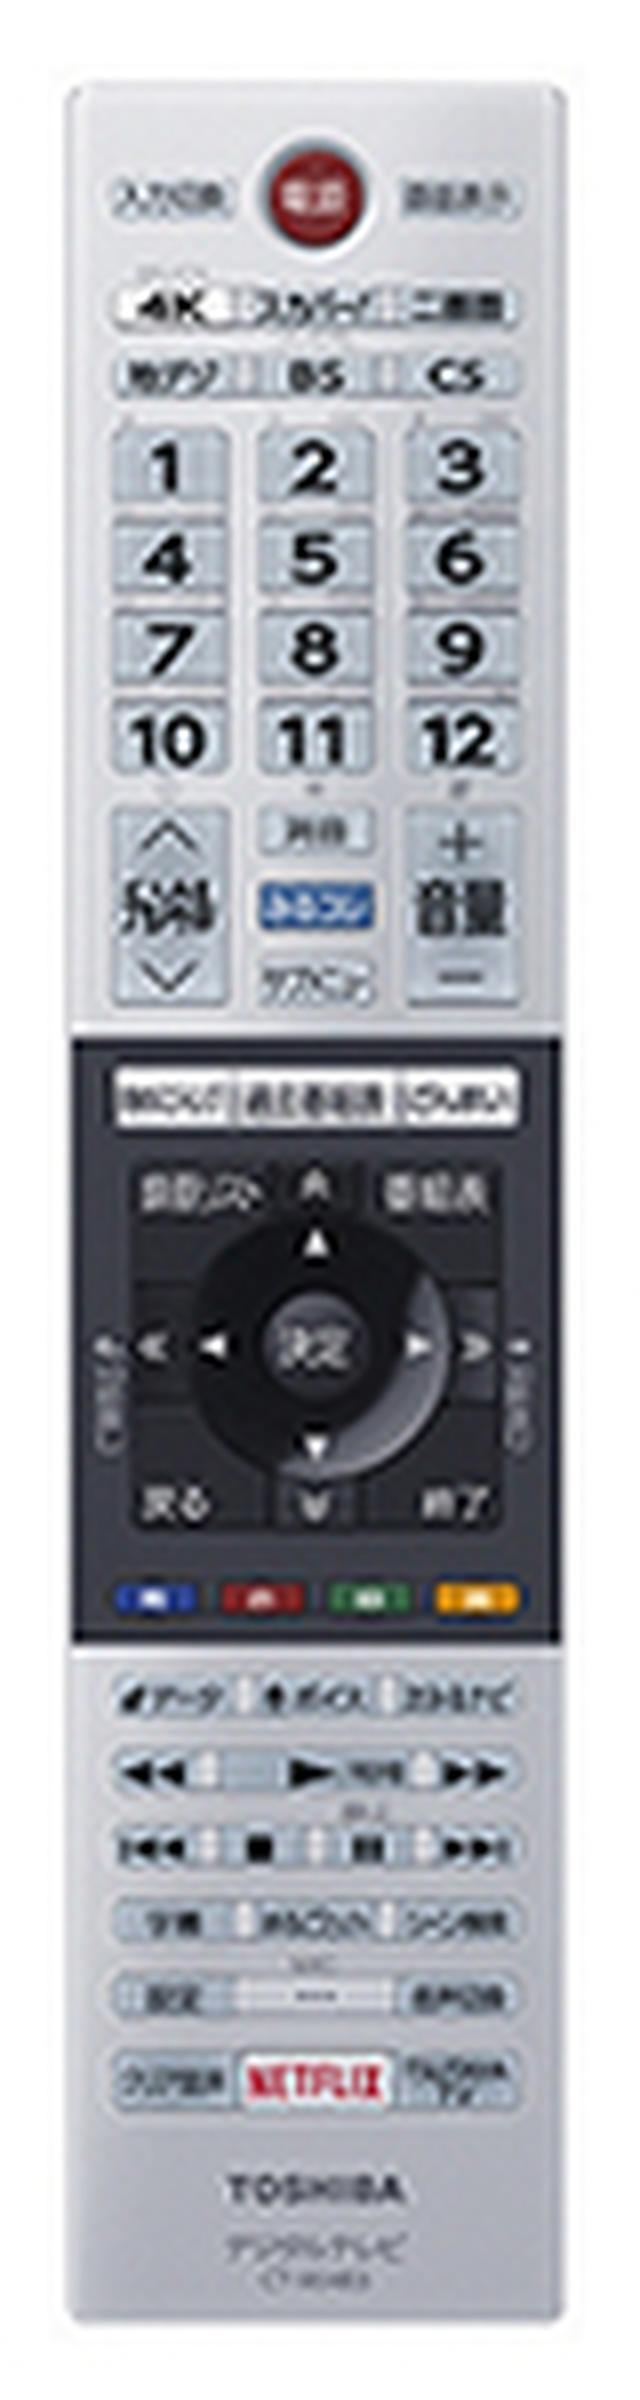 画像: リモコン中央に最大6チャンネル(地デジ)の録画が可能なタイムシフトマシン関連のボタンを集約する。